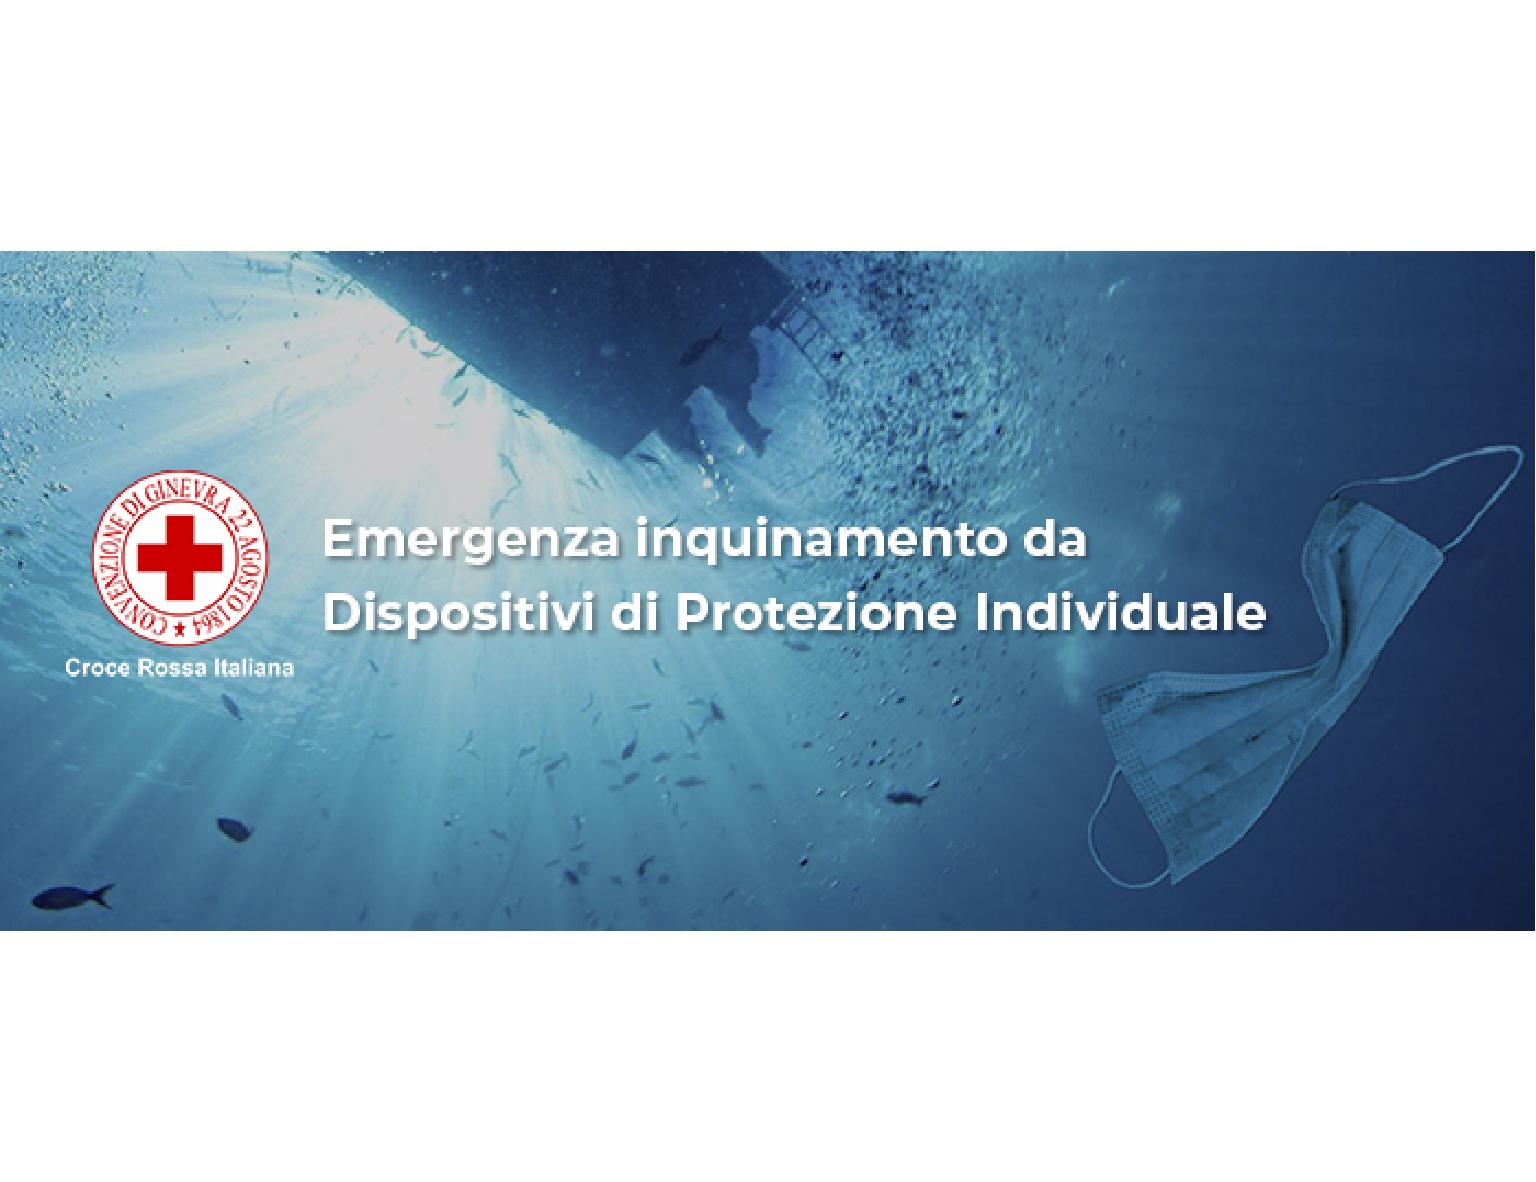 rifiuti_covid_banner_sito_2__1_ new-01 (1)